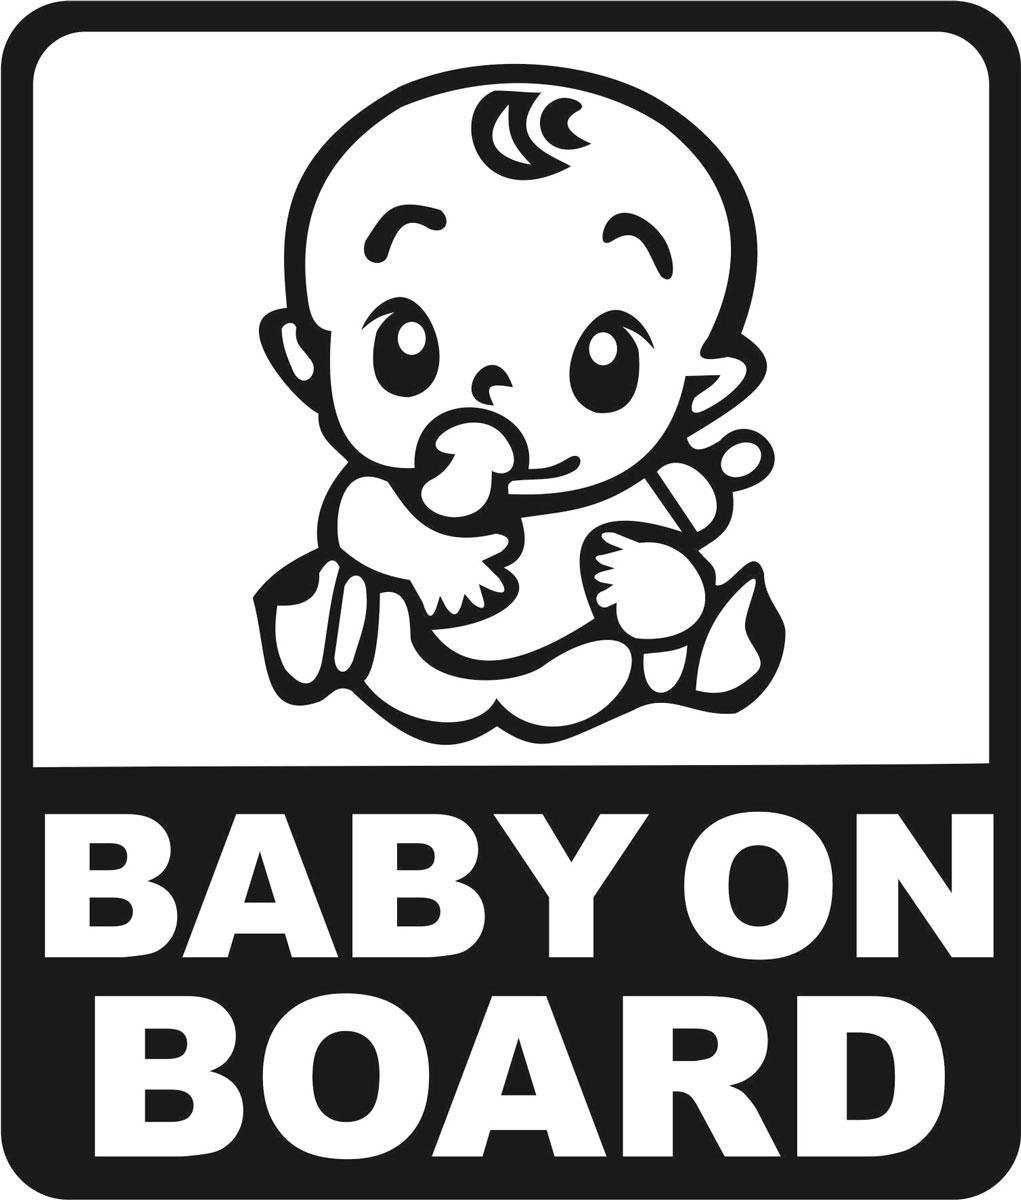 Наклейка автомобильная Оранжевый слоник Baby on Board. Квадрат 2, виниловая, цвет: черный150VS00020WОригинальная наклейка Оранжевый слоник Baby on Board. Квадрат 2 изготовлена из долговечного винила, который выполняет не только декоративную функцию, но и защищает кузов от небольших механических повреждений, либо скрывает уже существующие.Виниловые наклейки на авто - это не только красиво, но еще и быстро! Всего за несколько минут вы можете полностью преобразить свой автомобиль, сделать его ярким, необычным, особенным и неповторимым!